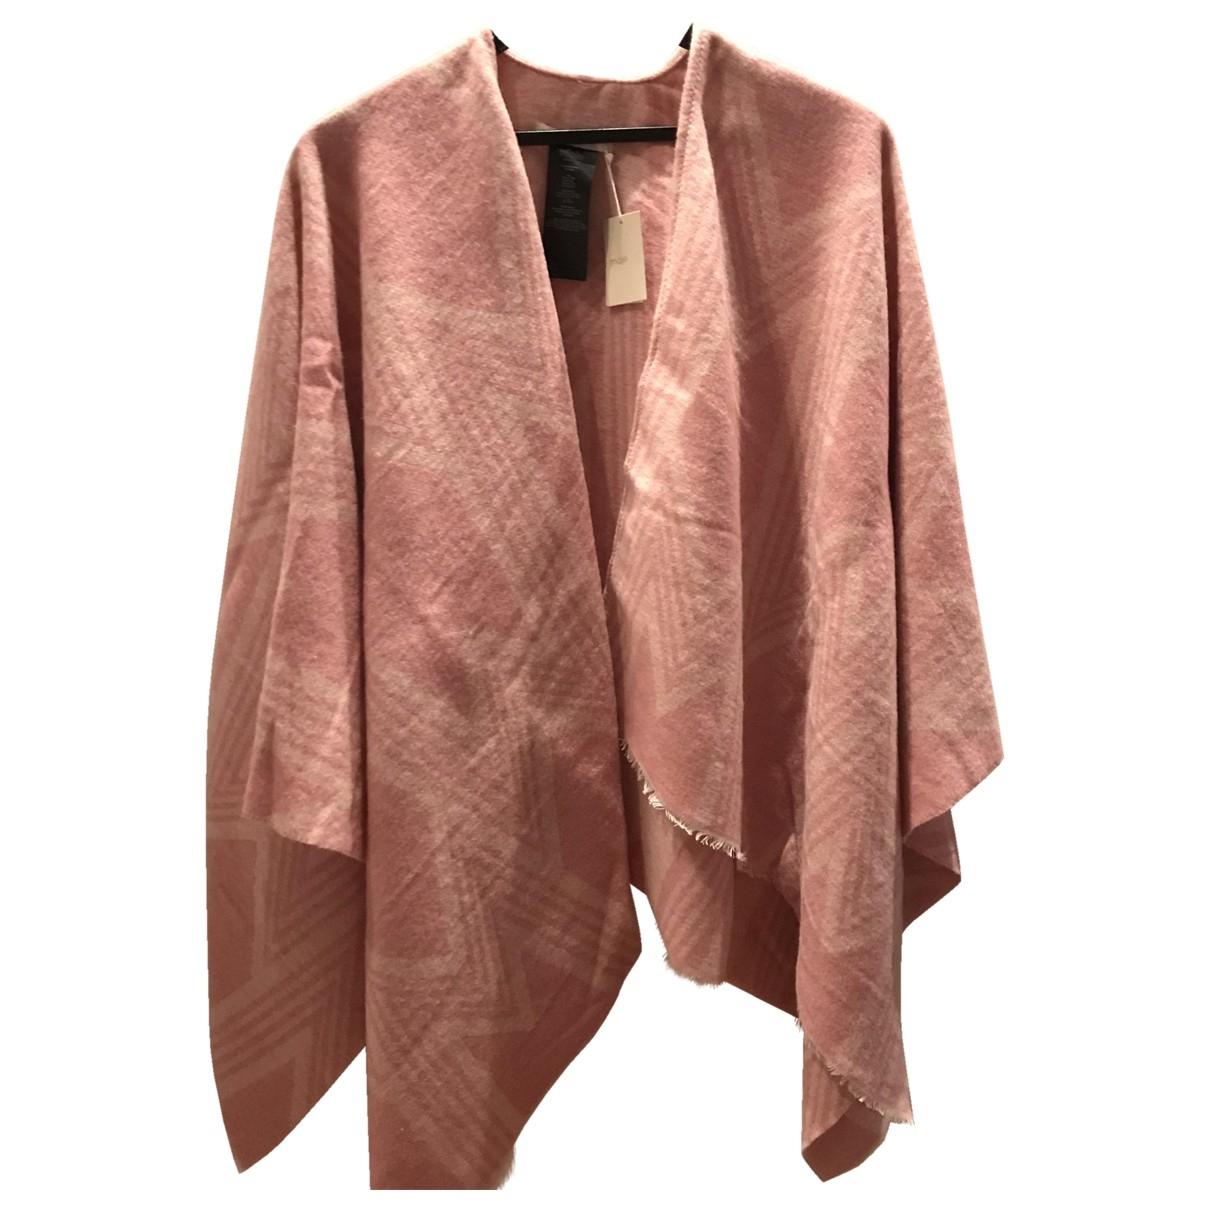 Maje \N Pink Knitwear for Women One Size IT